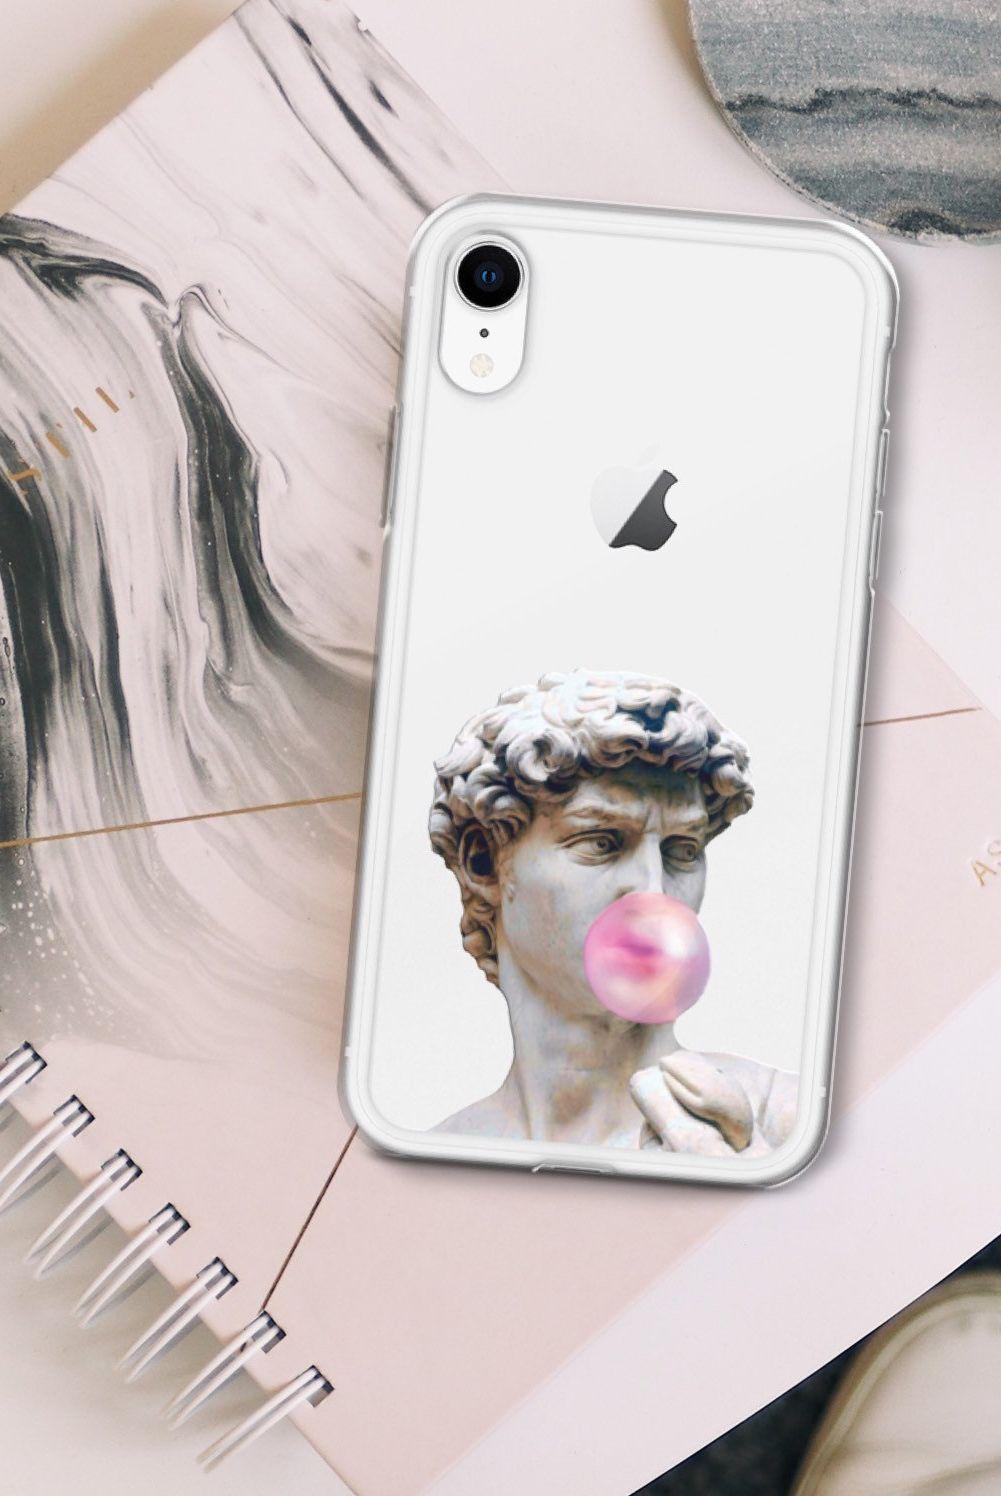 David Statue Bubblegum Clear Phone Case For Iphone 11 Pro Xs Etsy In 2020 Phone Cases Clear Phone Case Case